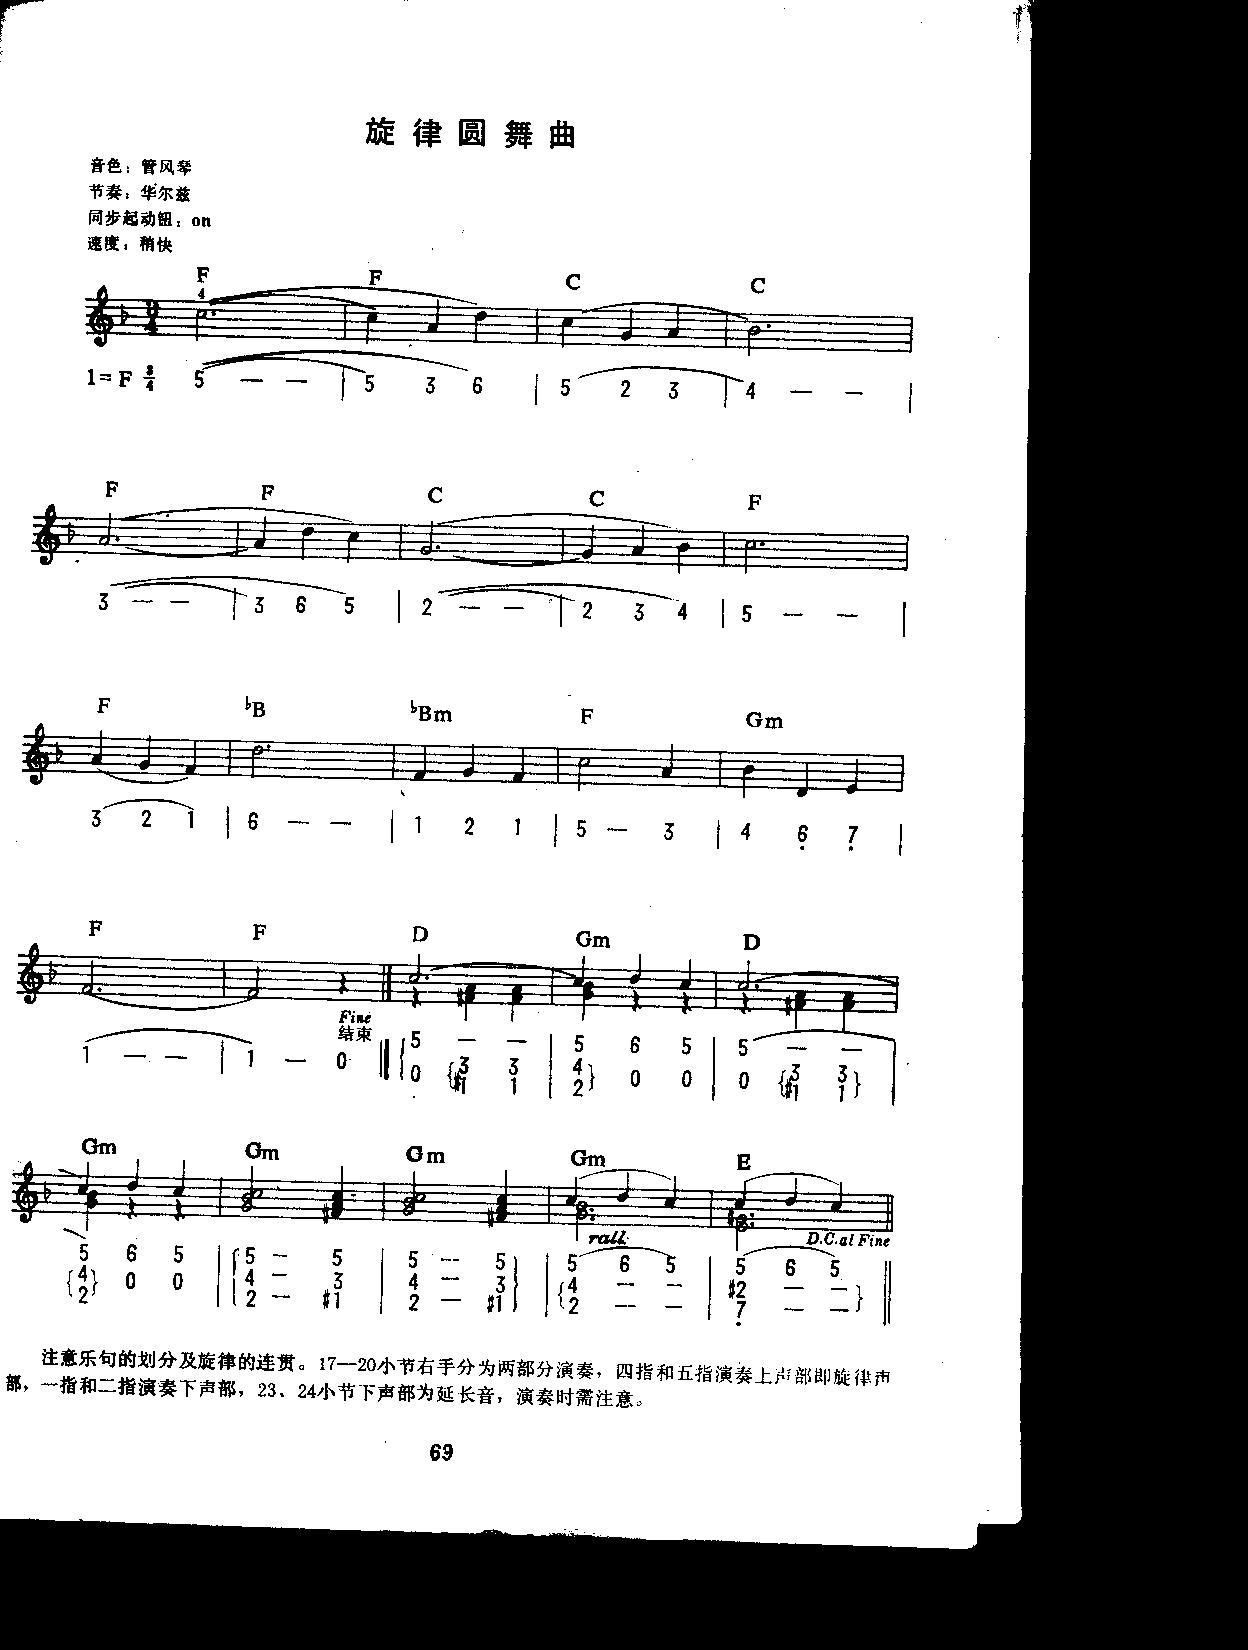 旋律圆舞曲(中级班电子琴乐谱)